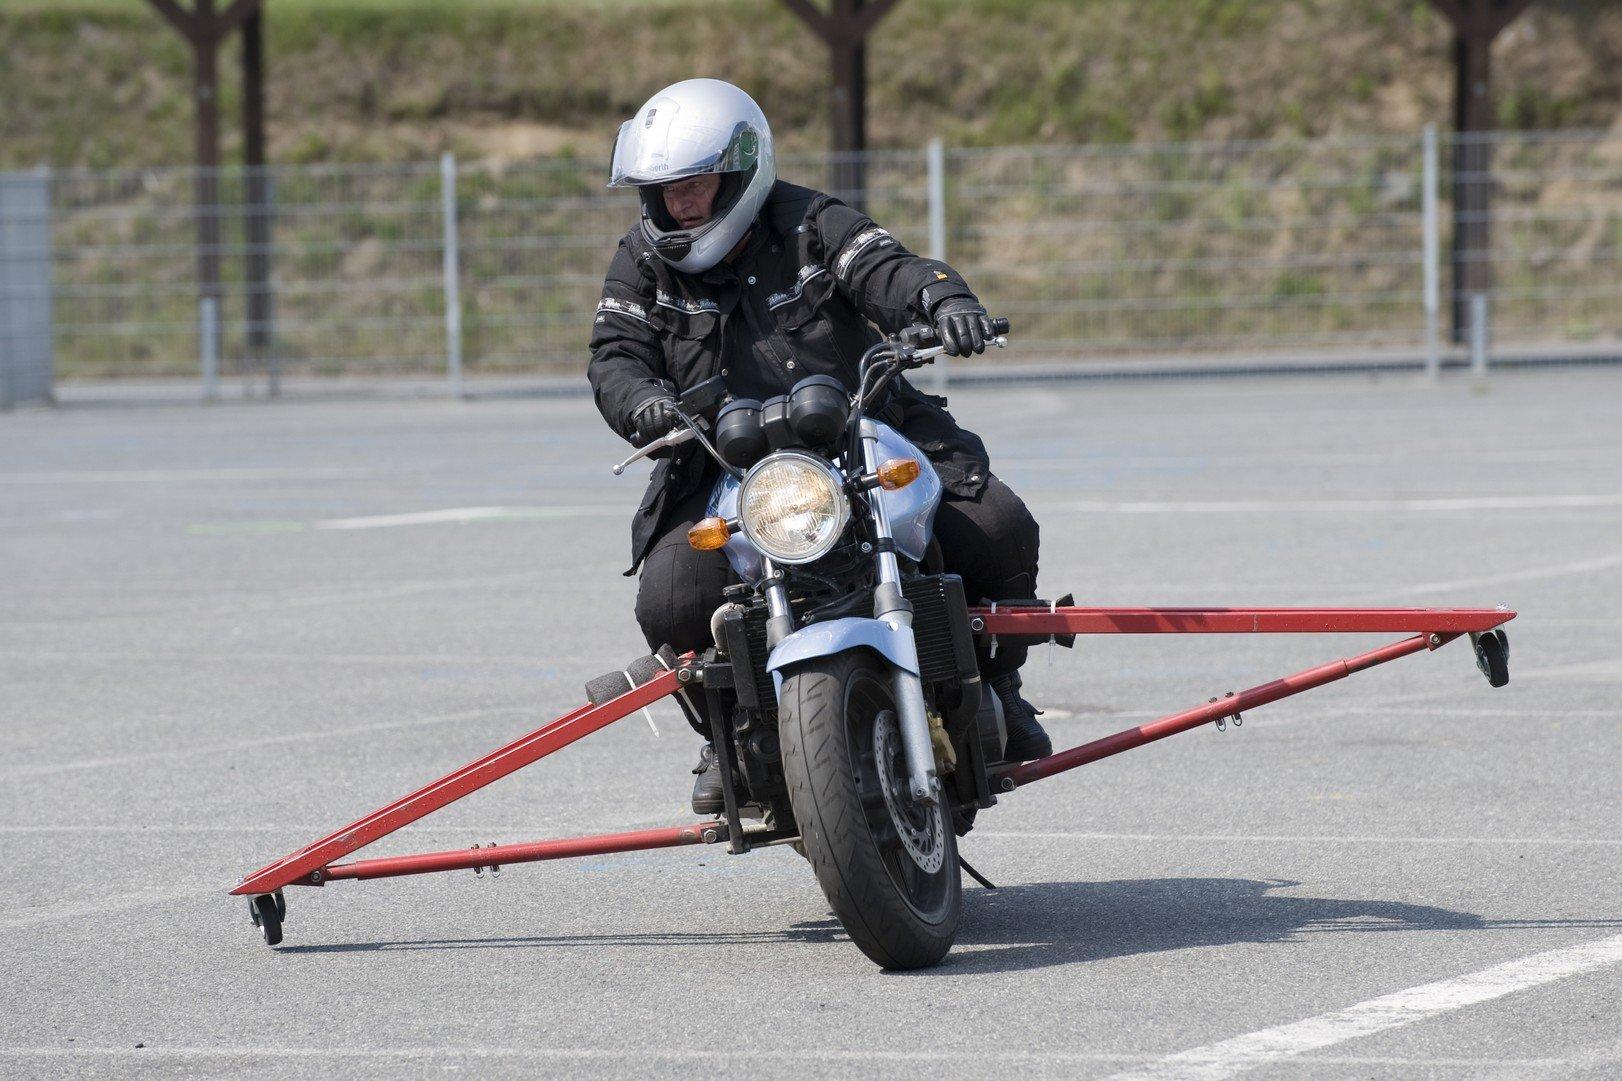 Motorrad-Sicherheitstraining-Schraeglagentraining-004